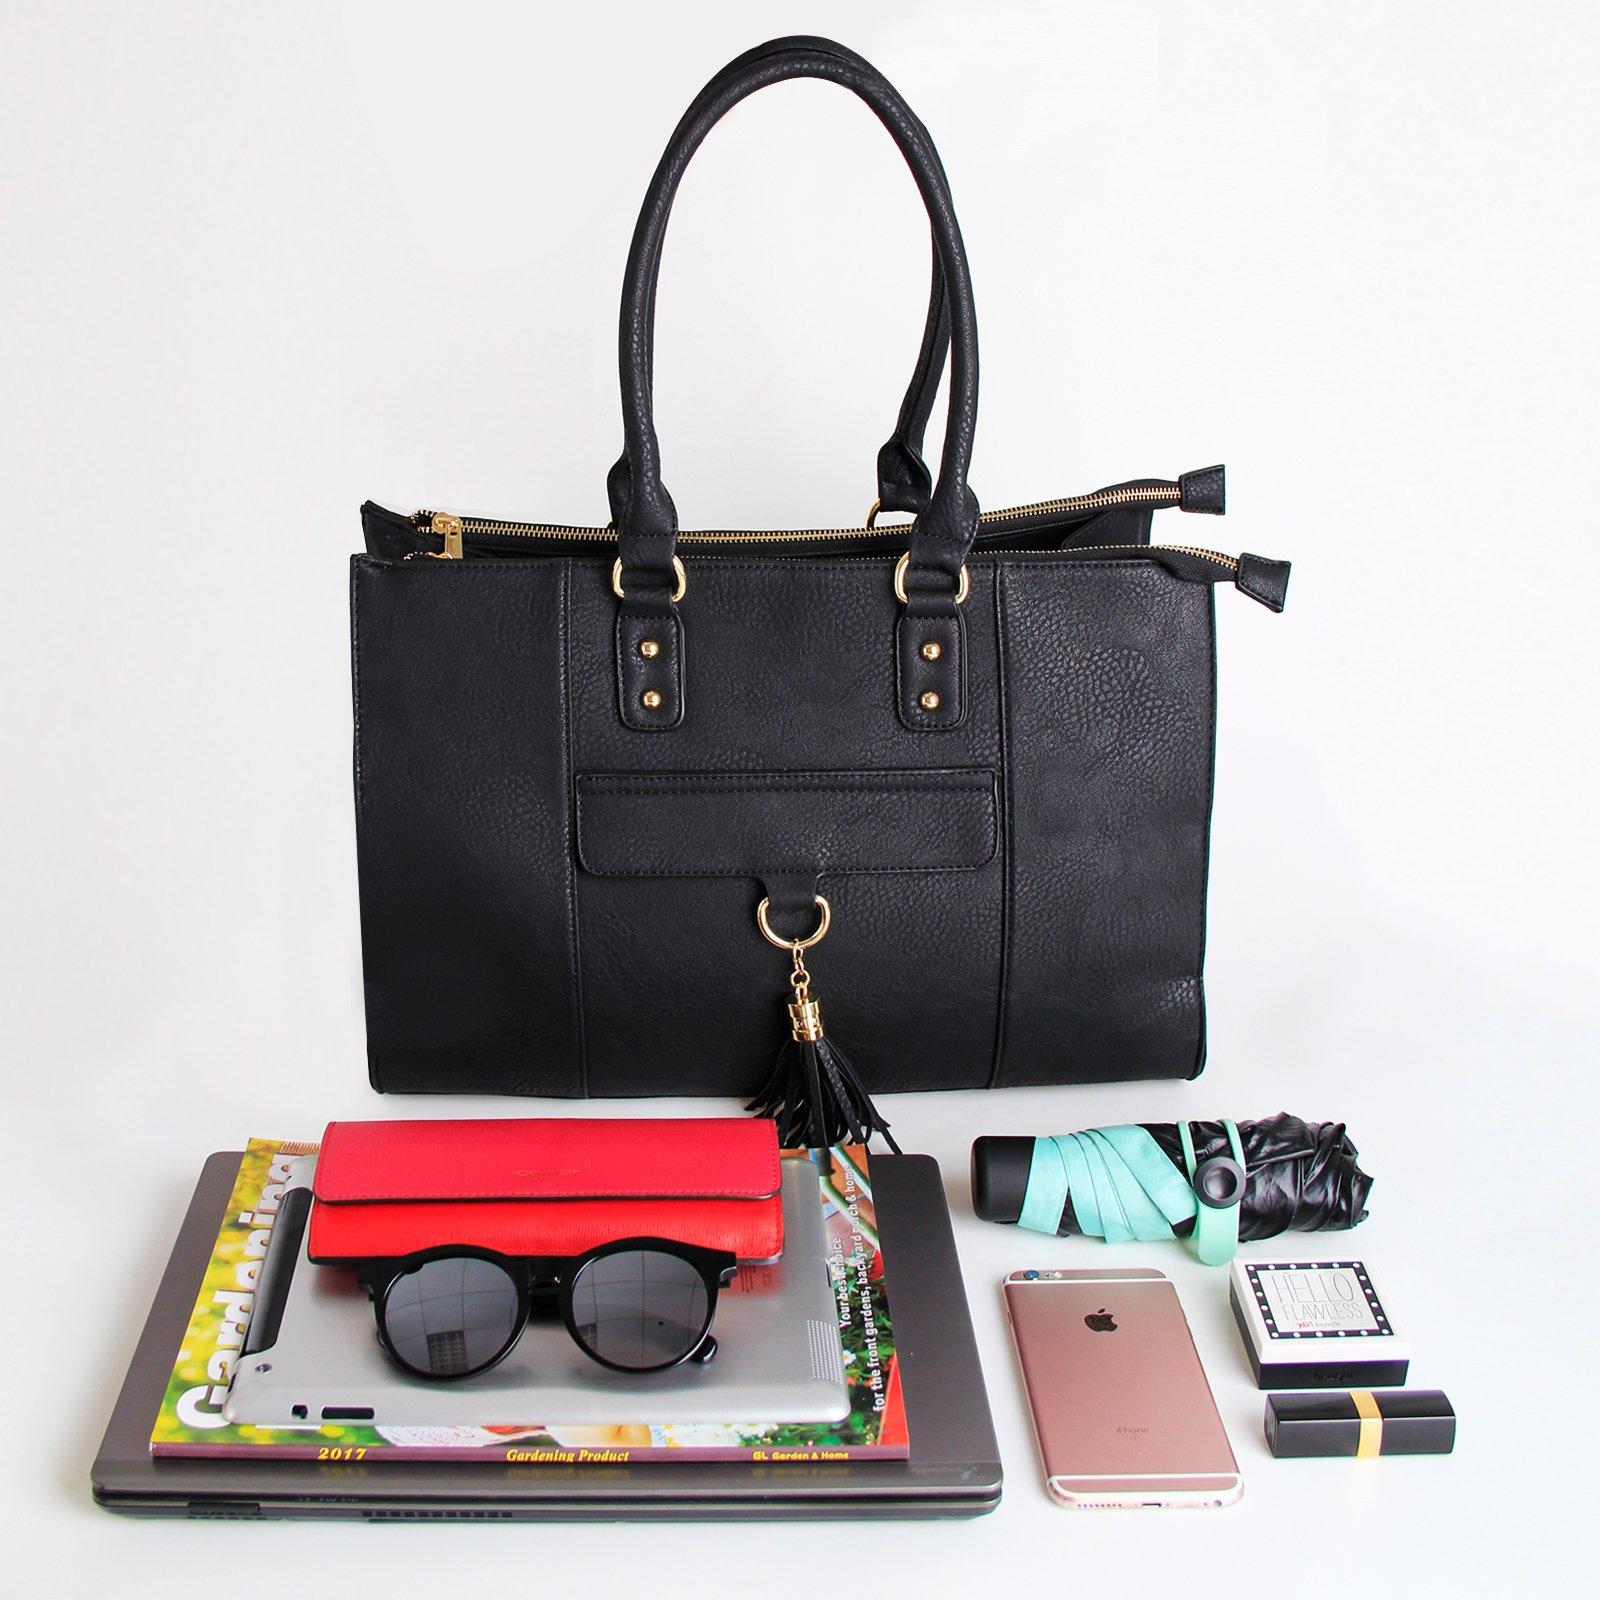 Eva & Evan 2018 New Women Satchel Handbags Shoulder Bag with Tassels Top Handle Large PU Leather Adjustable Strap Black by BAYTTER (Image #9)